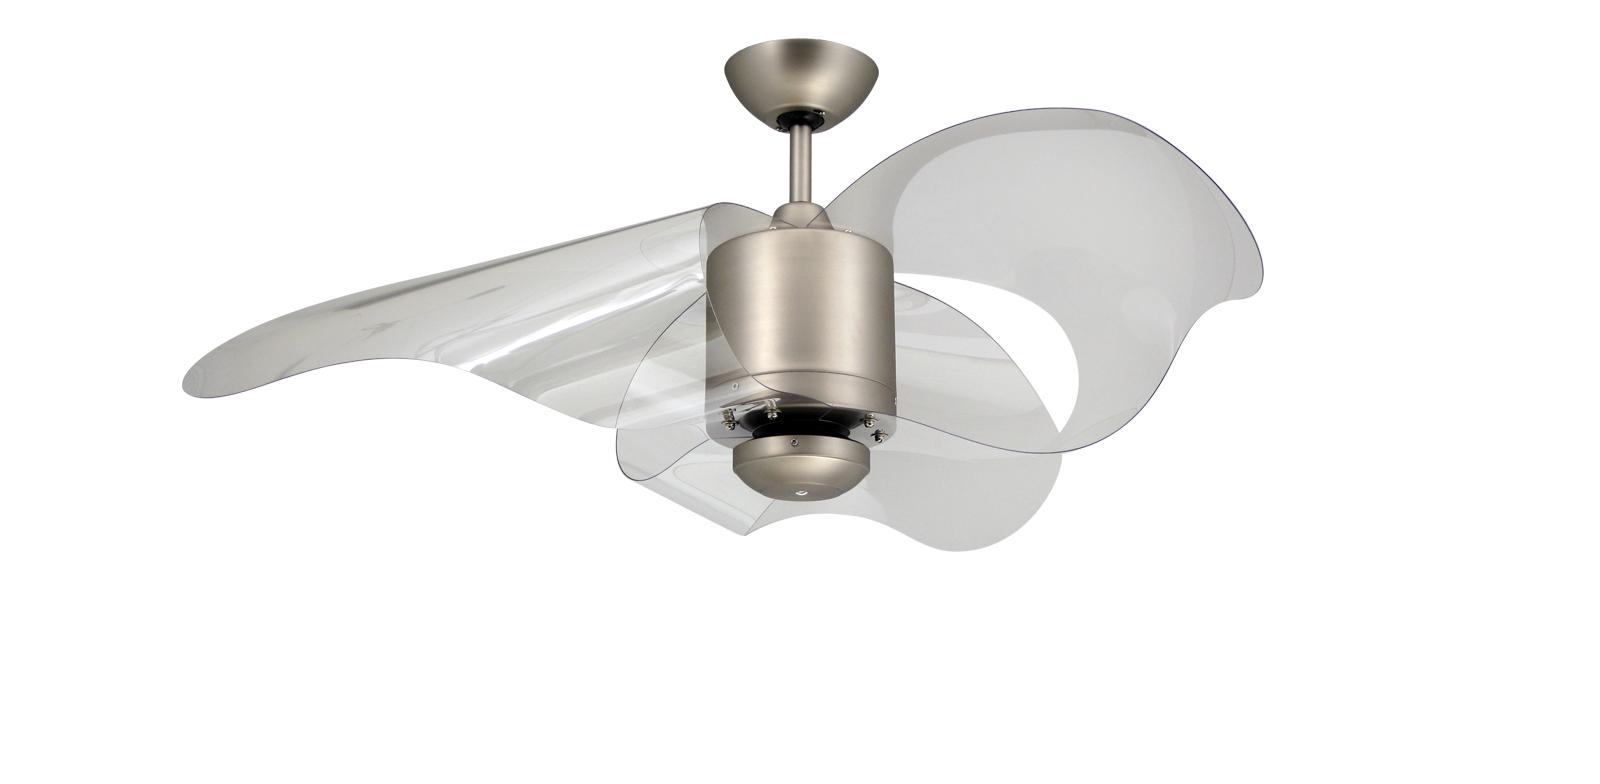 ceiling fans unique photo - 10